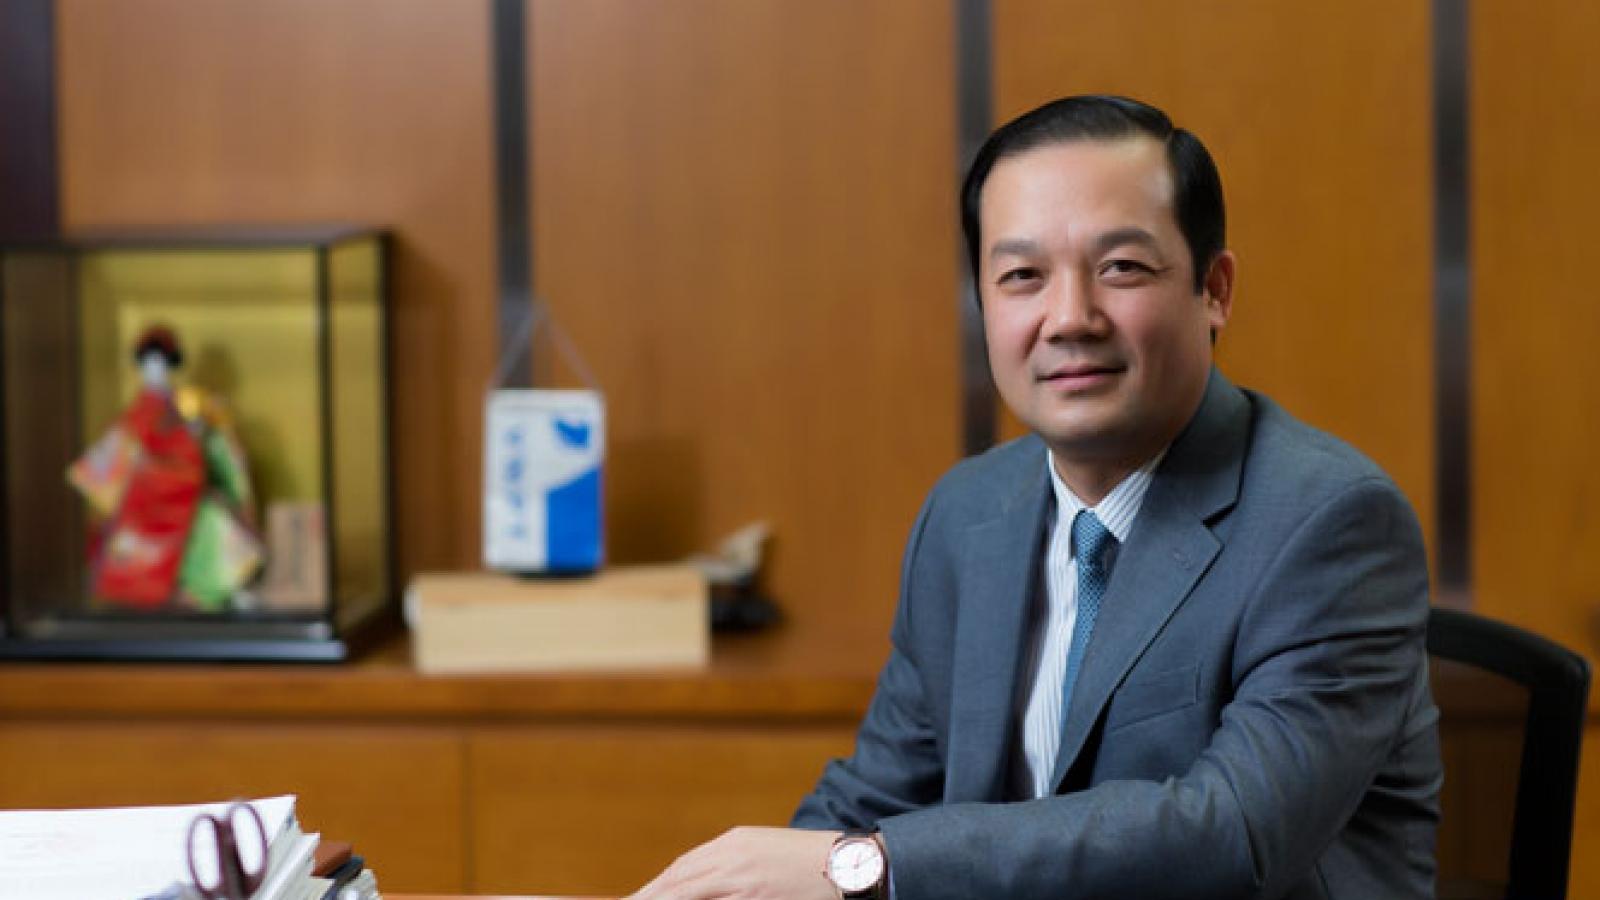 Bổ nhiệm ông Phạm Đức Long làm Thứ trưởng Bộ Thông tin và Truyền thông